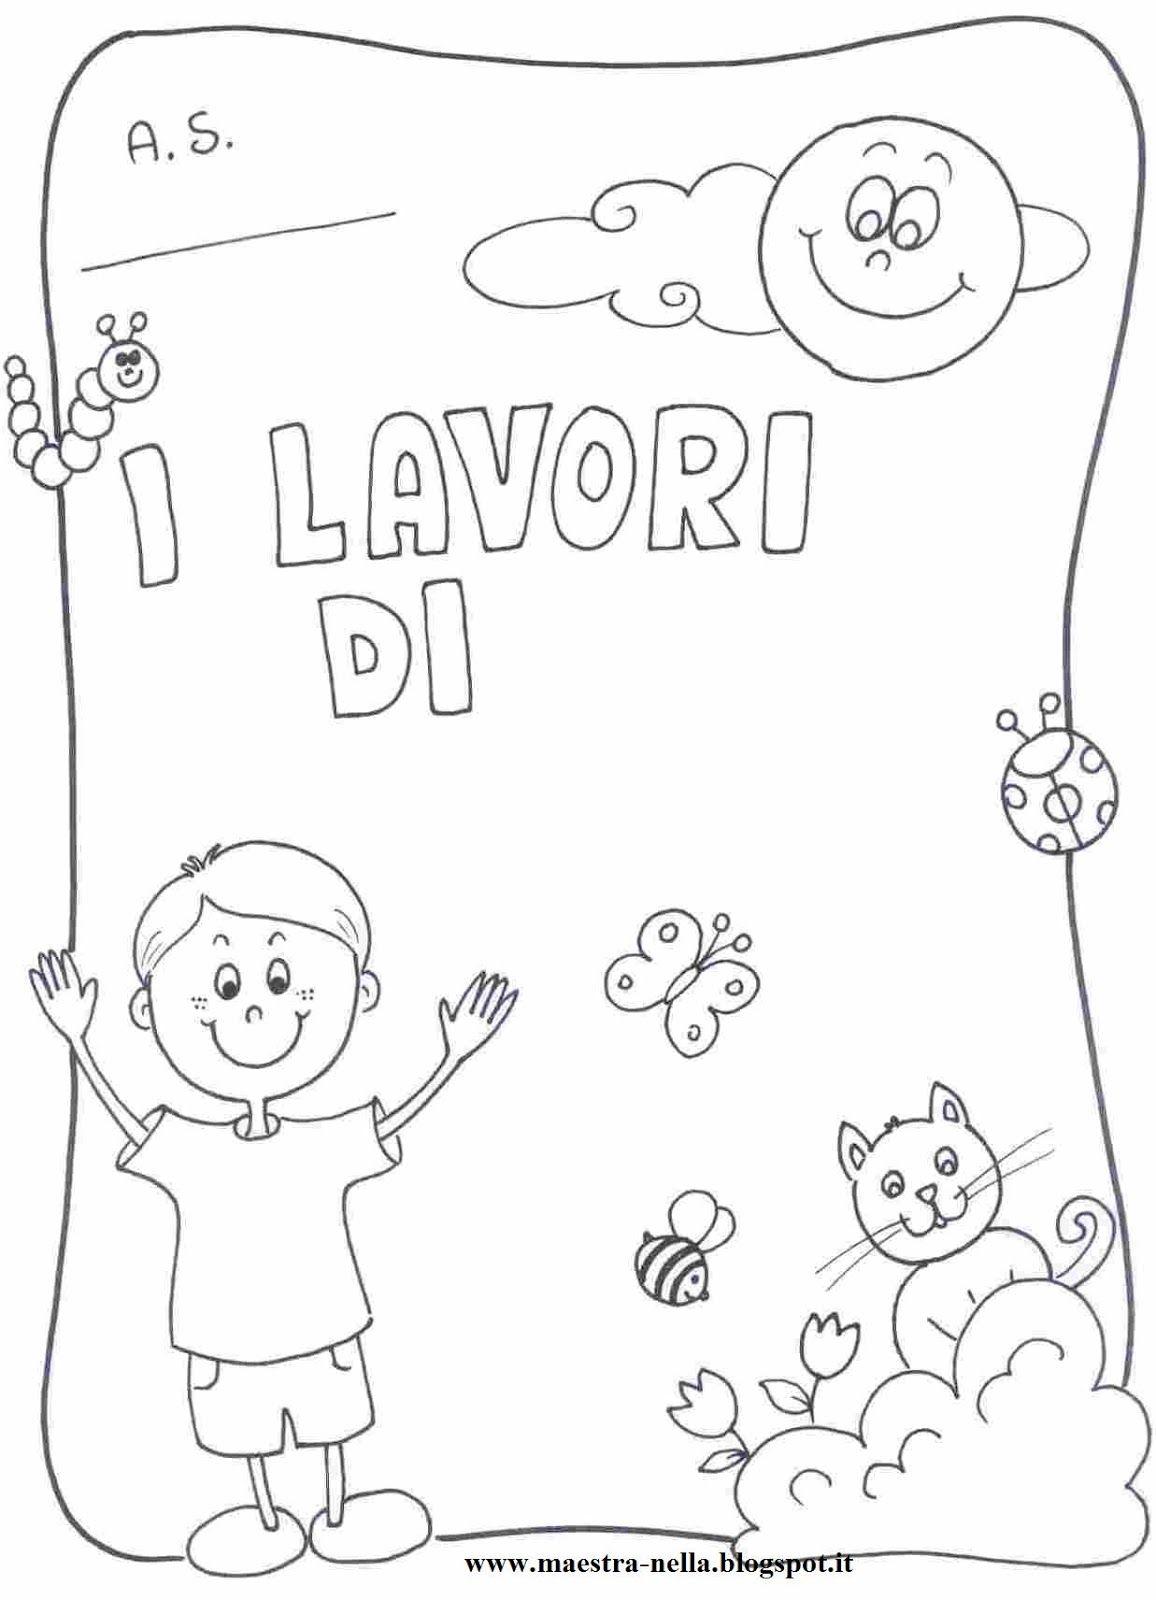 Disegni idee e lavoretti per la scuola dell 39 infanzia e - Libro immagini a colori ...